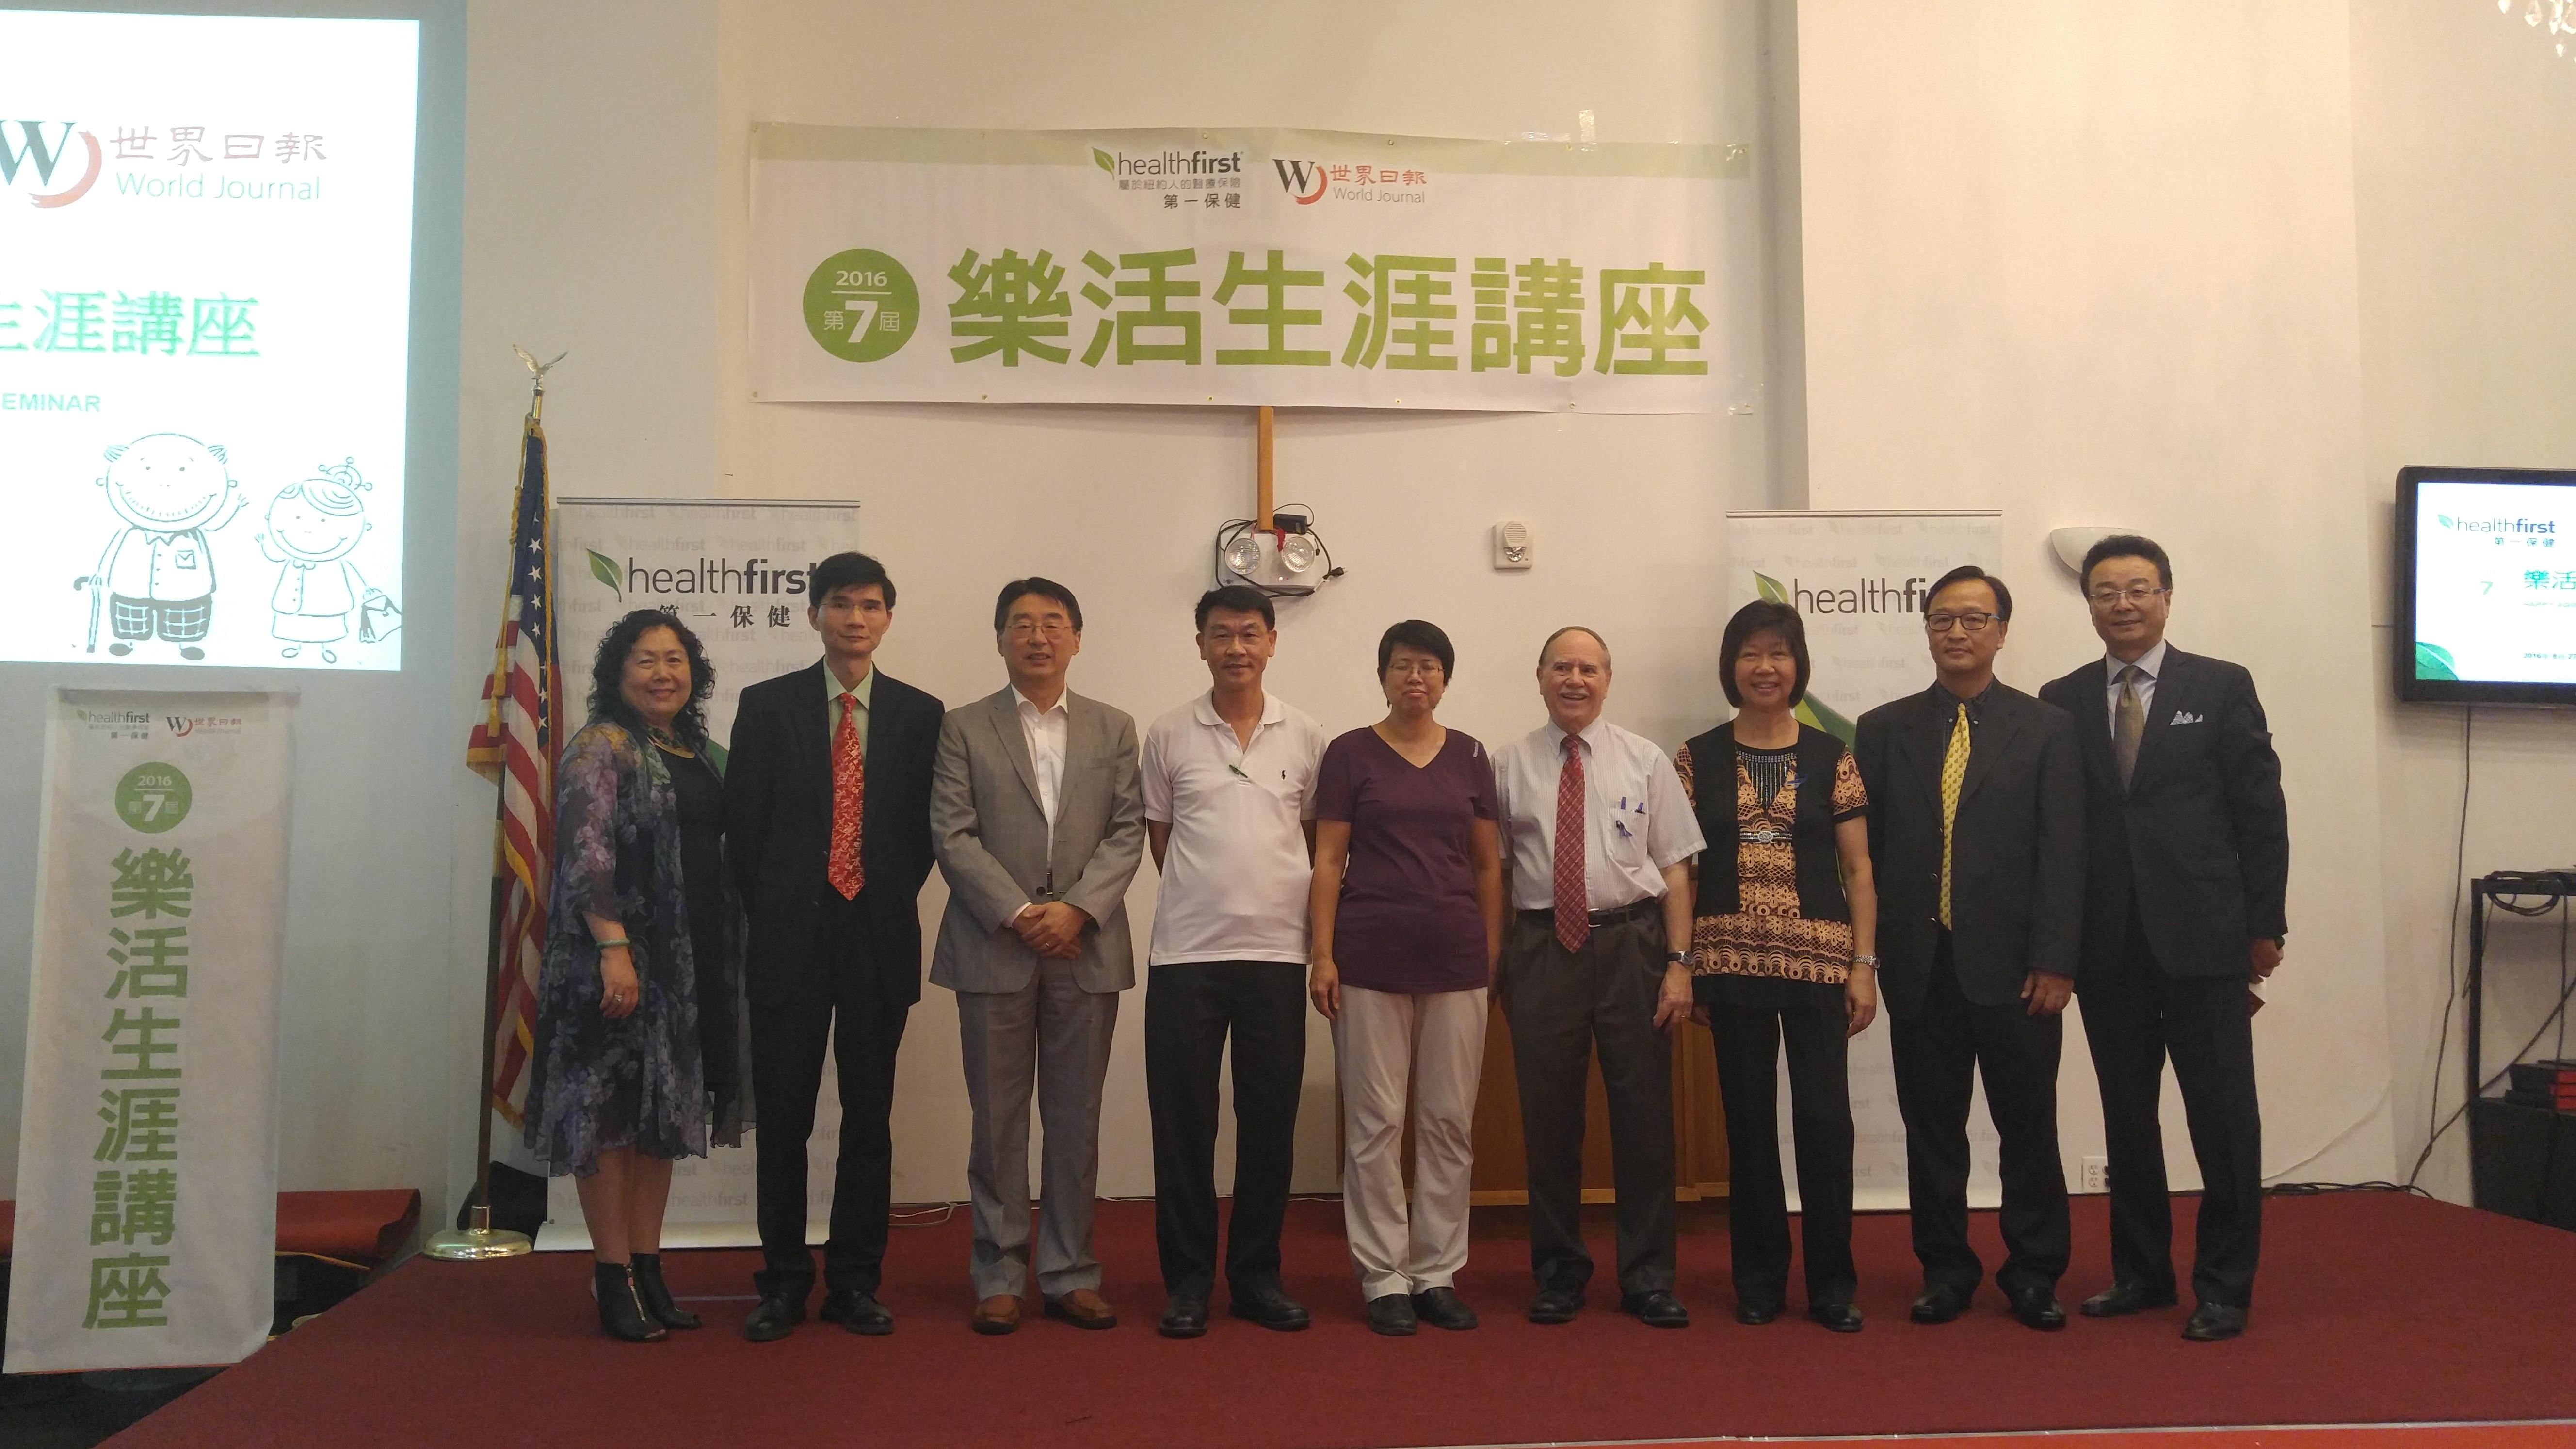 寇頓(右四)、唐鳳巧(右三)、主辦方代表世界日報的黎冠中(右二)、第一保健的吳燁祺(左一)和王惠嶽(右一)以及到場嘉賓支持第七屆樂活生涯講座